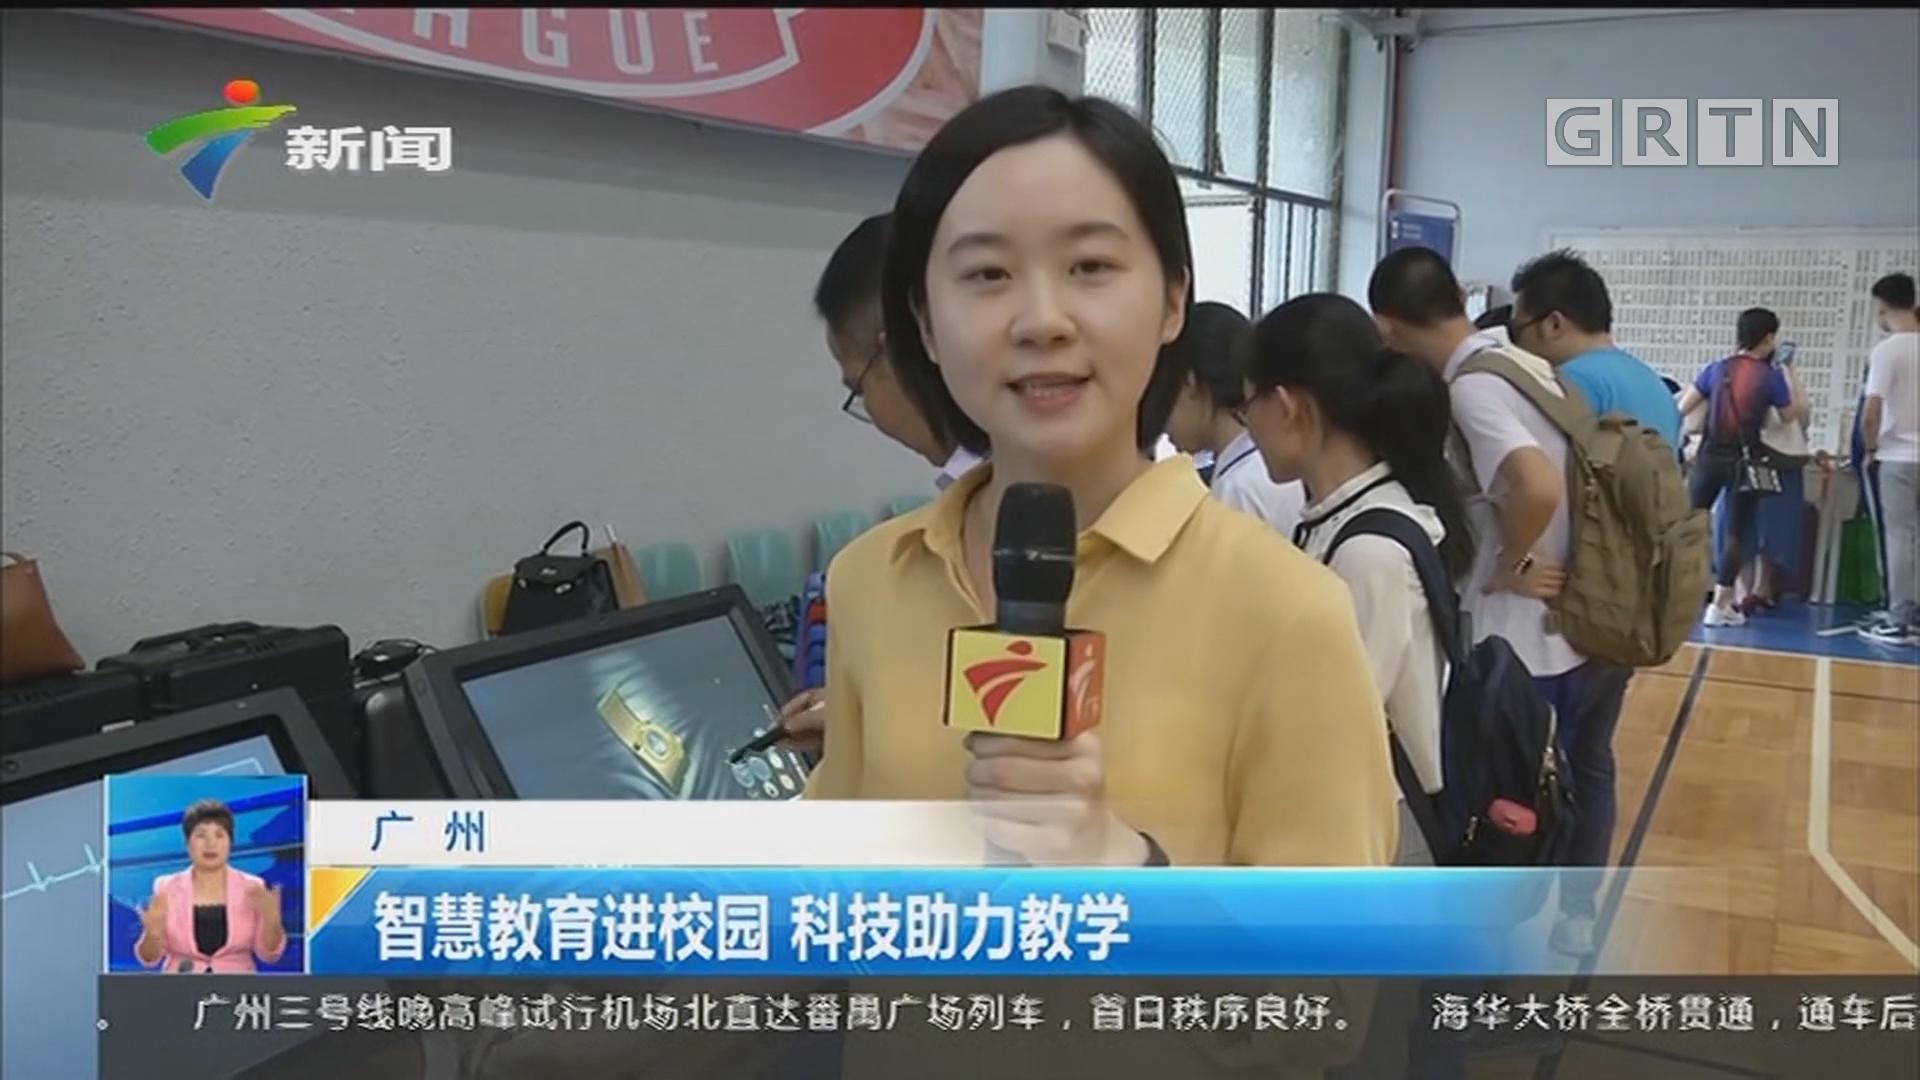 广州:智慧教育进校园 科技助力教学